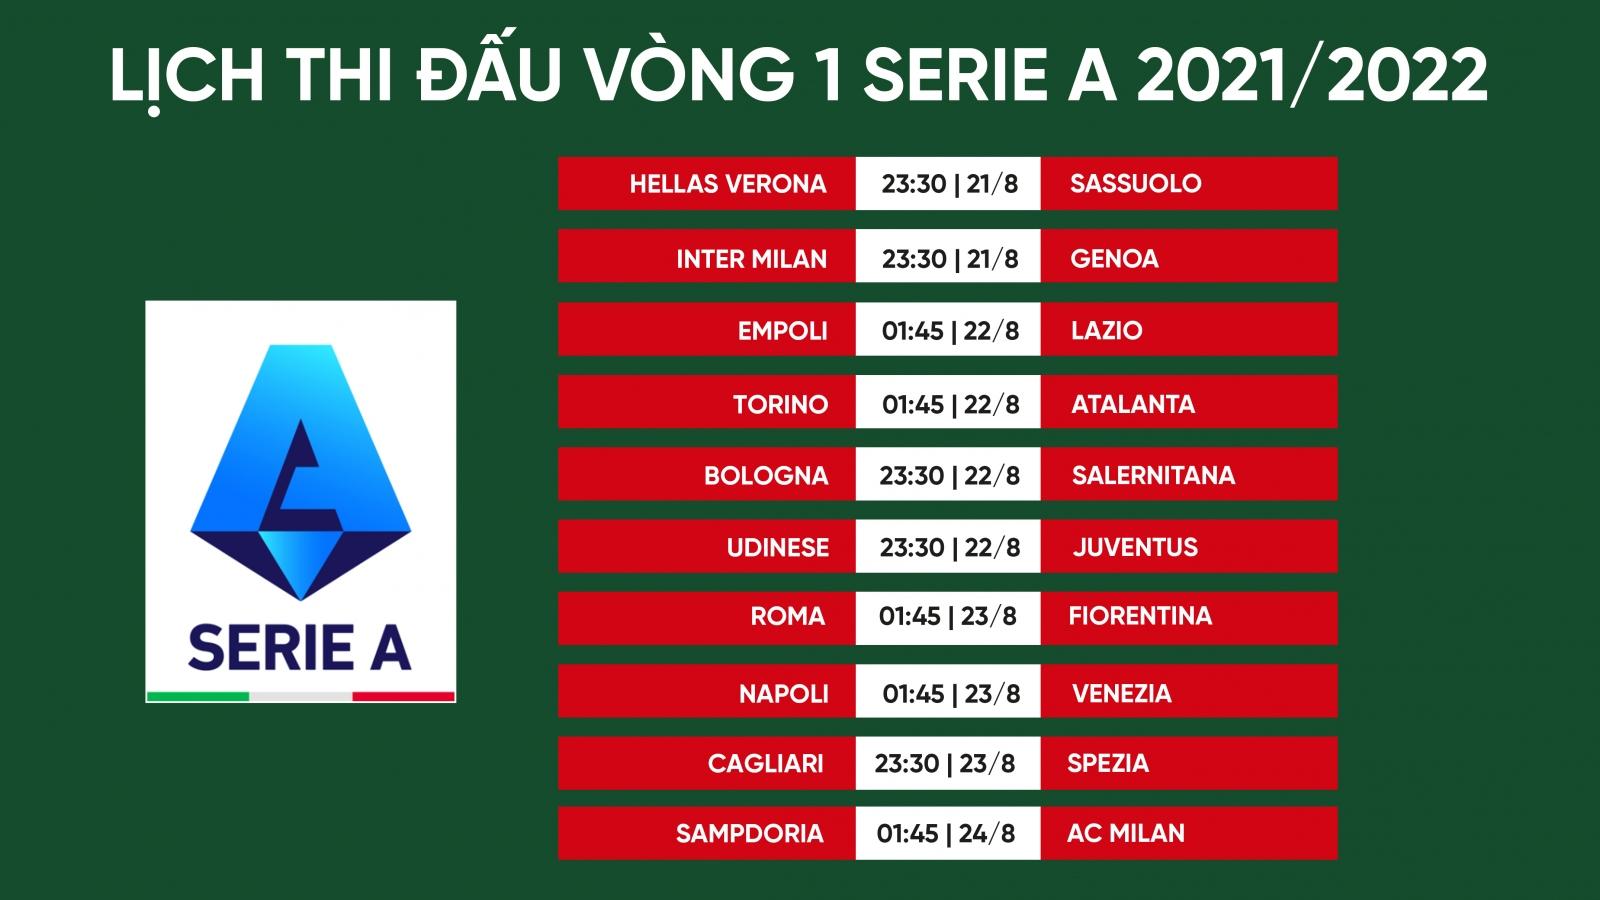 Lịch thi đấu vòng 1 Serie A 2021/2022: Chờ Ronaldo tỏa sáng cho Juventus